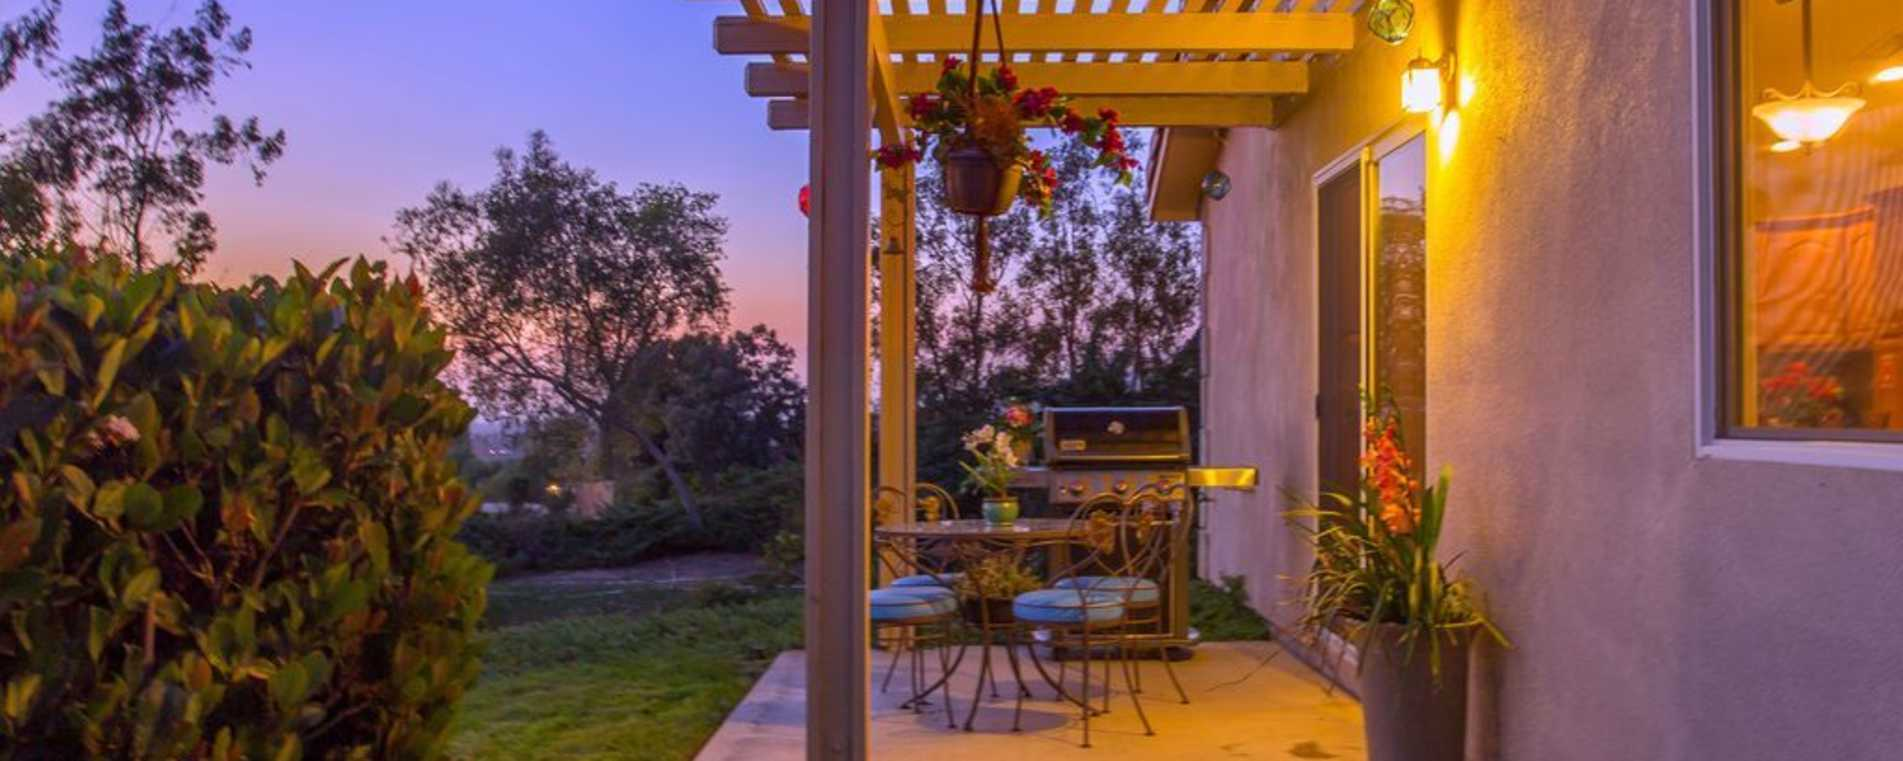 Casa  del Sol Outdoor Shot - TWC Villas